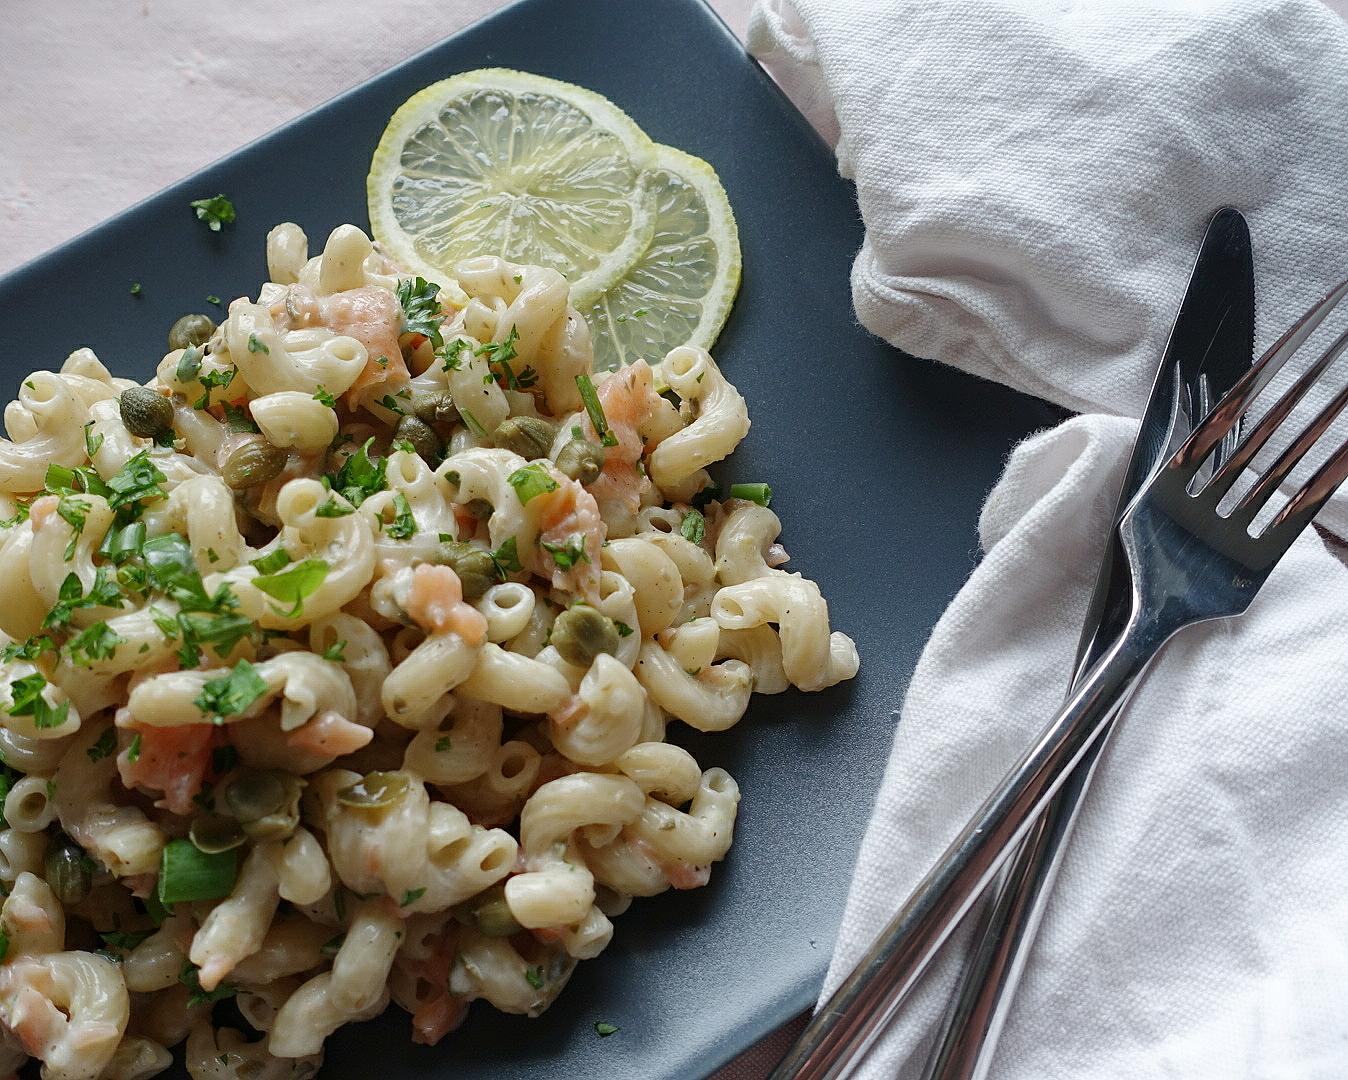 Pasta Räucherlachs: Leckere Nudeln in cremiger Zitronen Sauce, blitzschnell und einfach zubereitet | Mehr schnelle und einfache Rezepte gibt es auf judetta.de